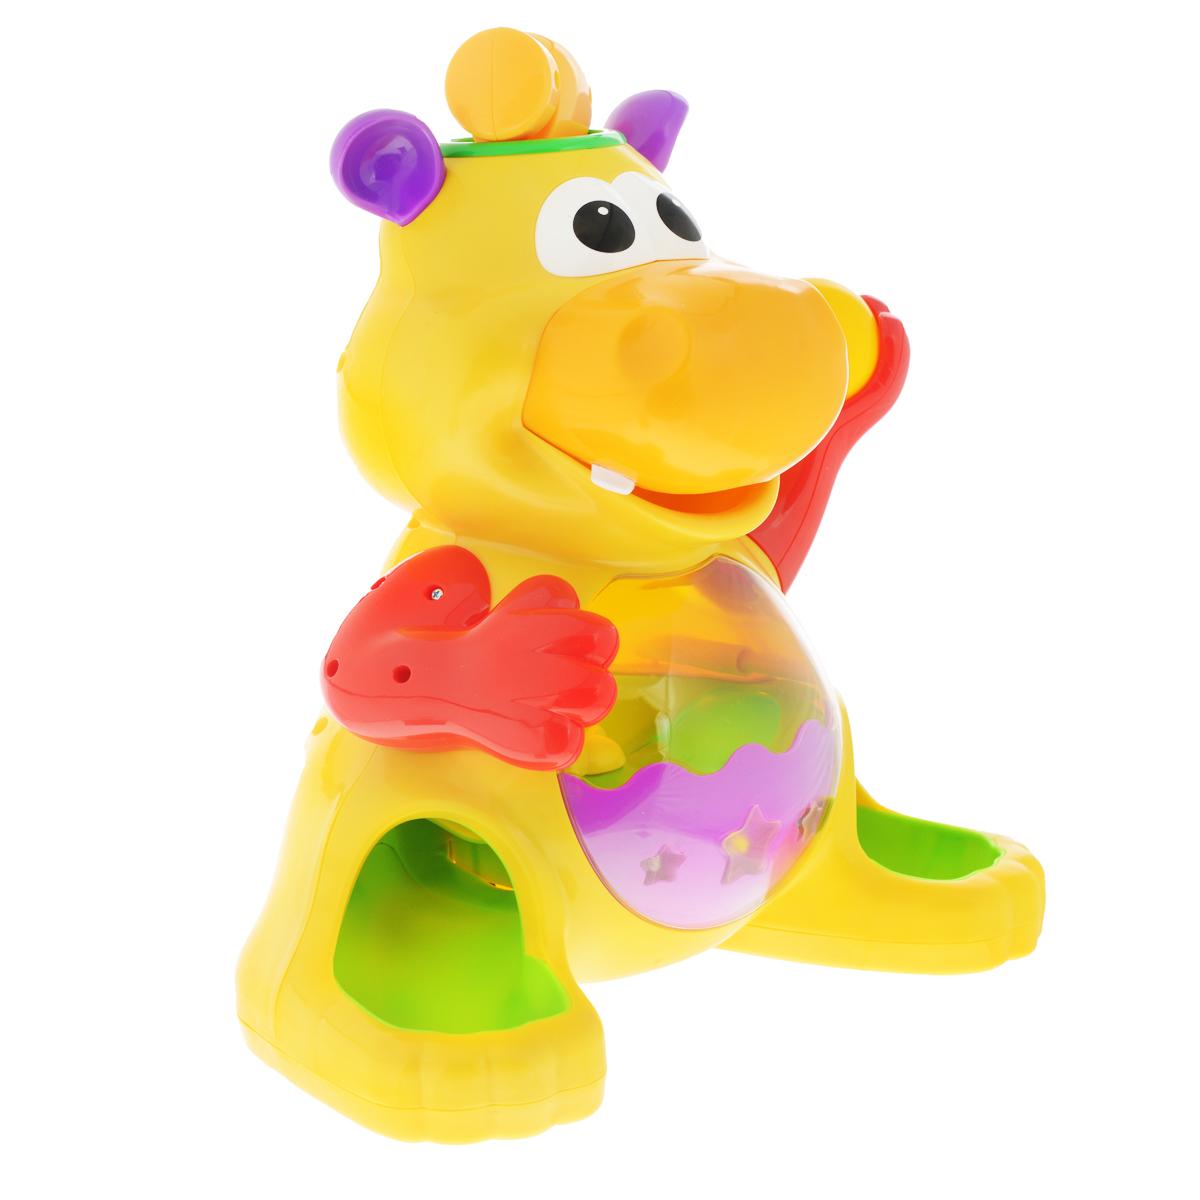 Развивающая игрушка Kiddieland Забавный бегемот с шарамиKID 049890Развивающая игрушка Забавный бегемот с шарами со звуковыми и световыми эффектами обязательно понравится малышу. Этот забавный желтый бегемотик умеет глотать шарики, а если повернуть его хвост, то шарики снова выкатываются прямо в руки ребенку. Игру сопровождают забавные звуки и веселая музыка. Игрушка станет отличной забавой для малышей старше года. В комплект входят: бегемот, молоток, четыре шара. Питание: 3 батареи АА (входят в комплект).